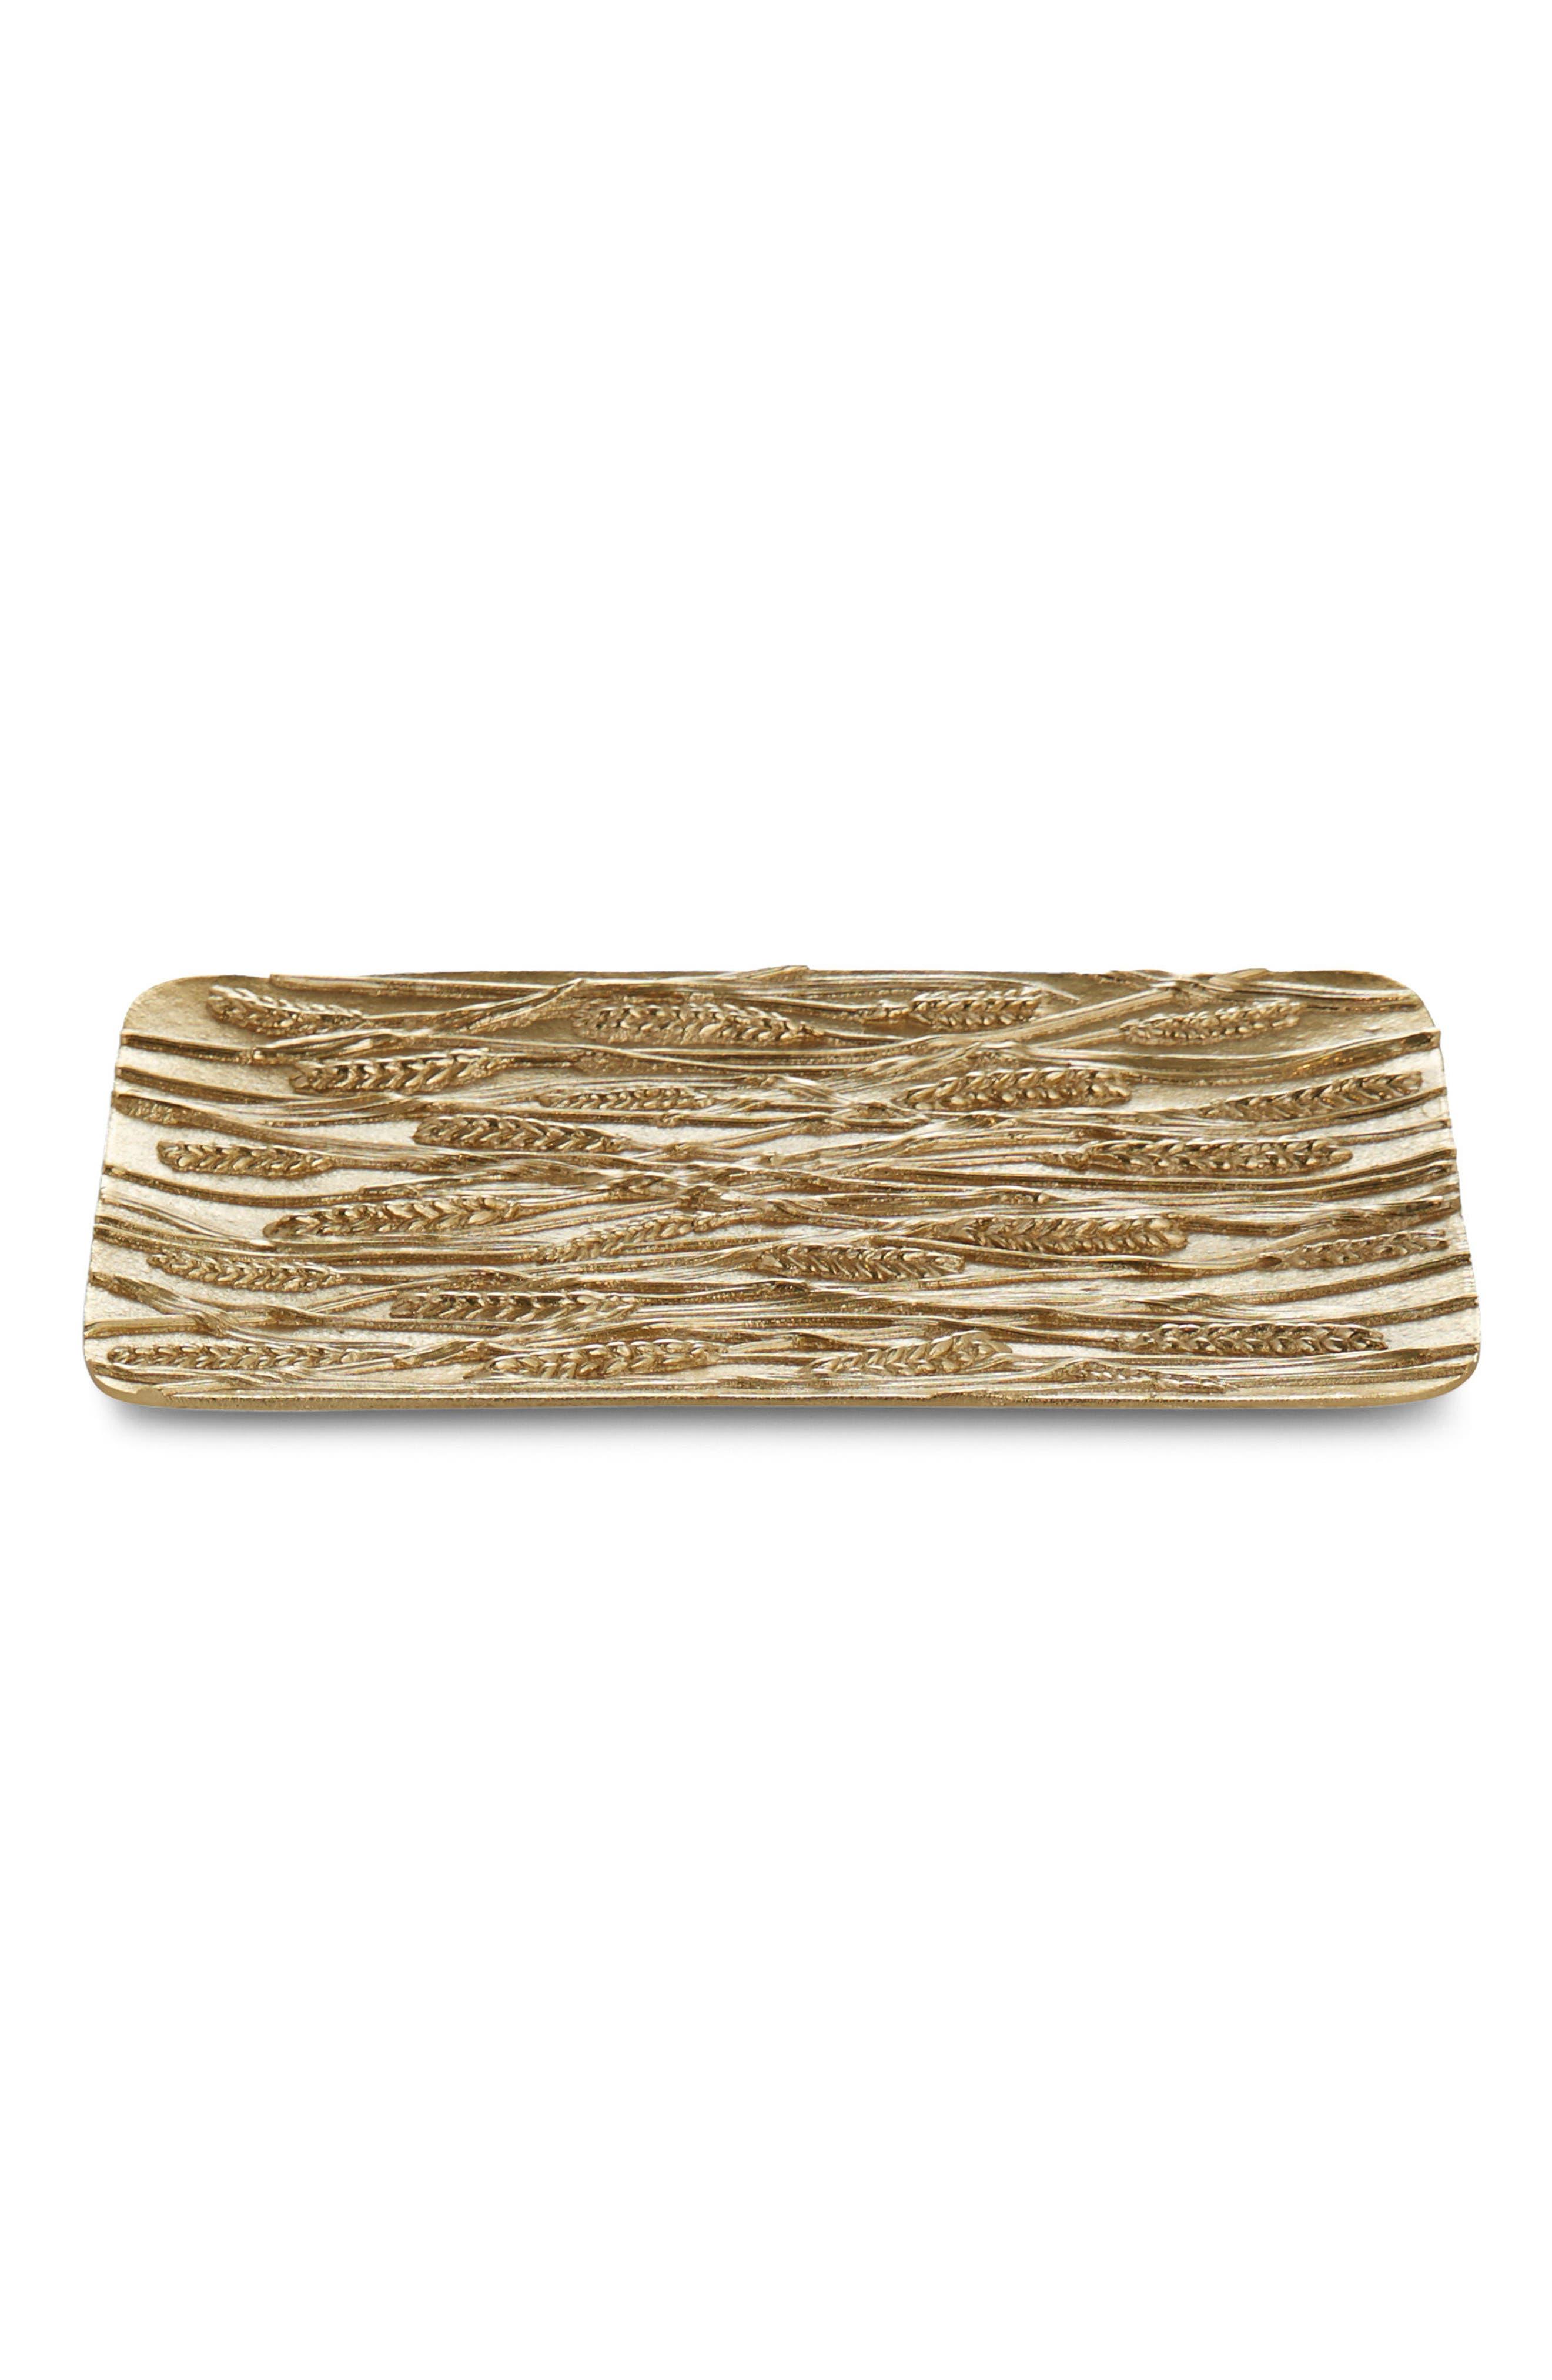 Wheat Bread Plate,                         Main,                         color, 710